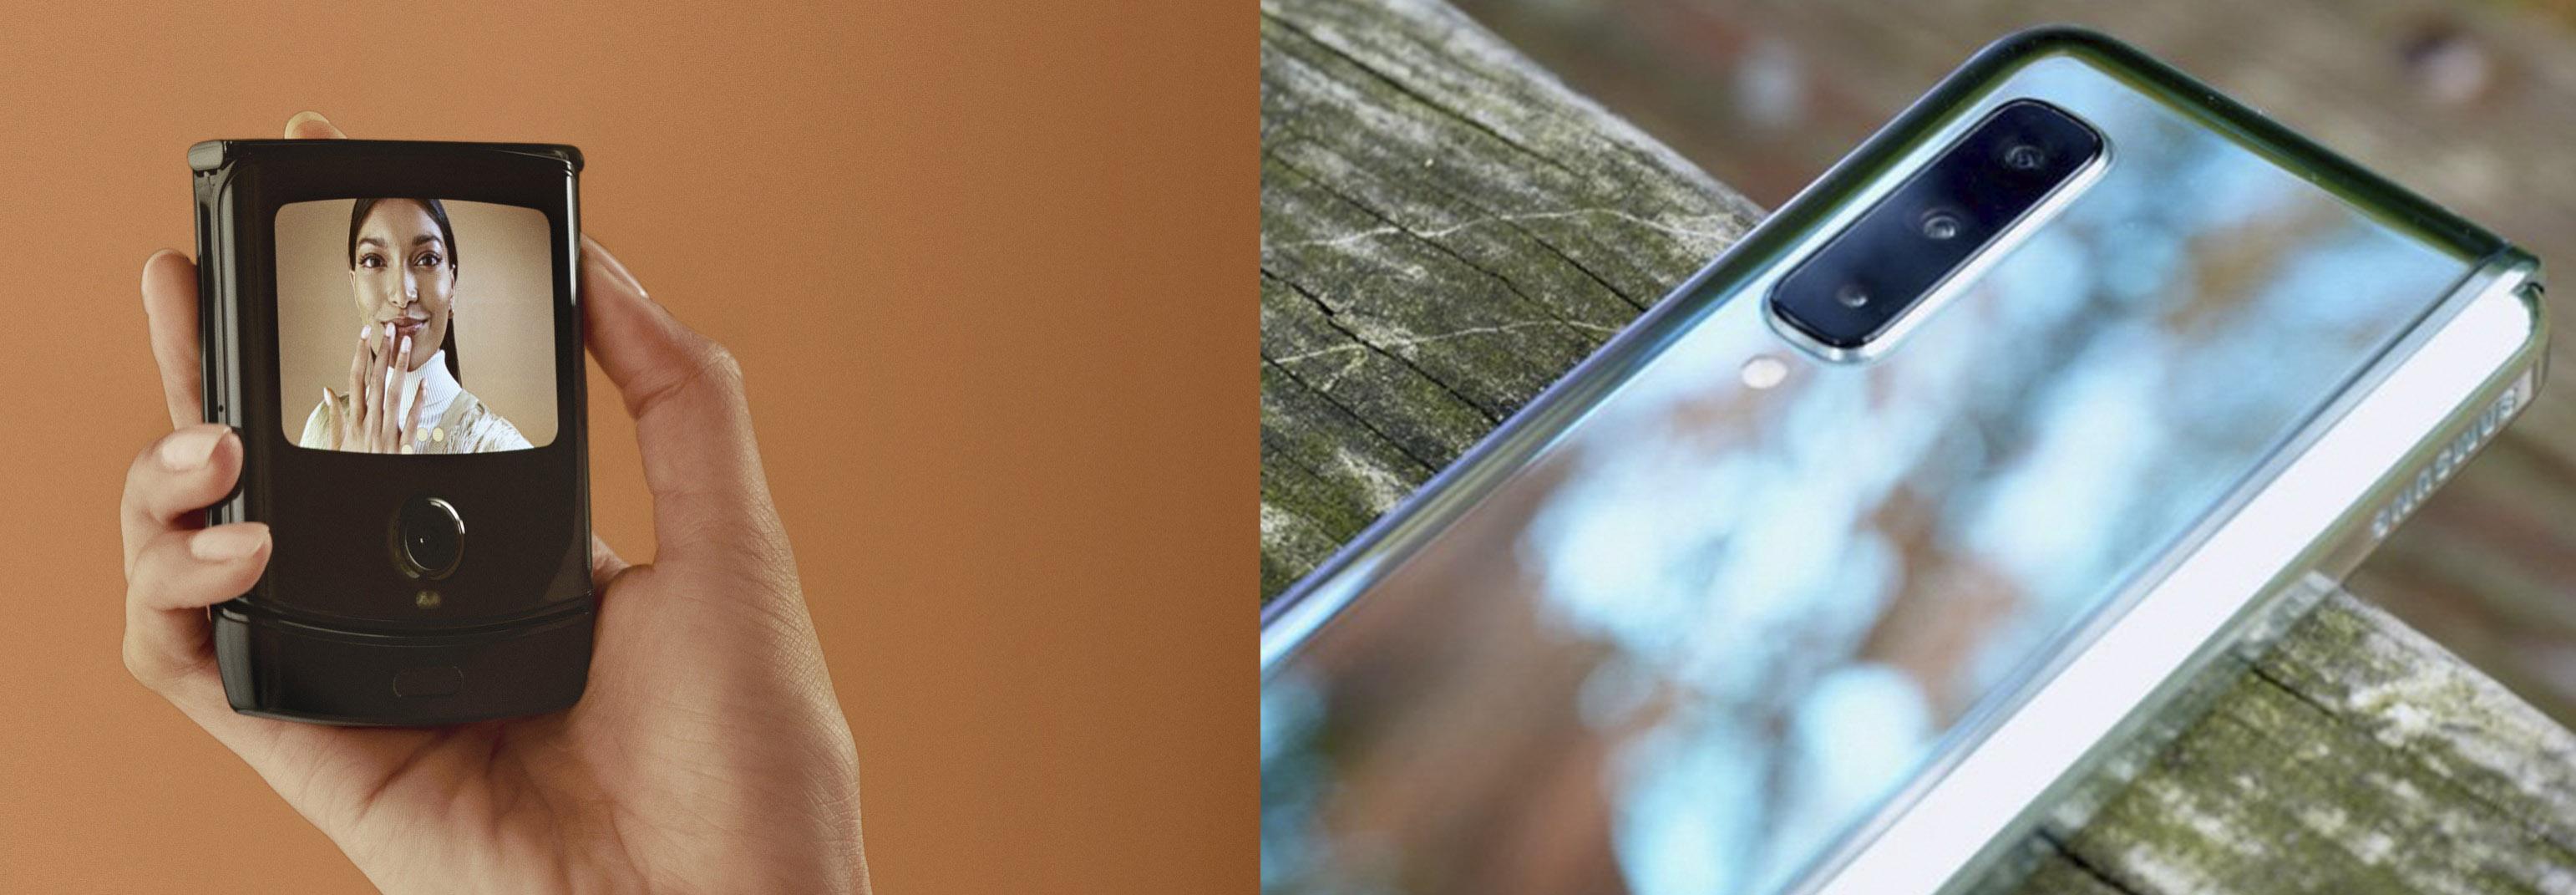 مقایسه موتورولا Razr و گلکسی فولد: دو گوشی تاشو دوست داشتنی!